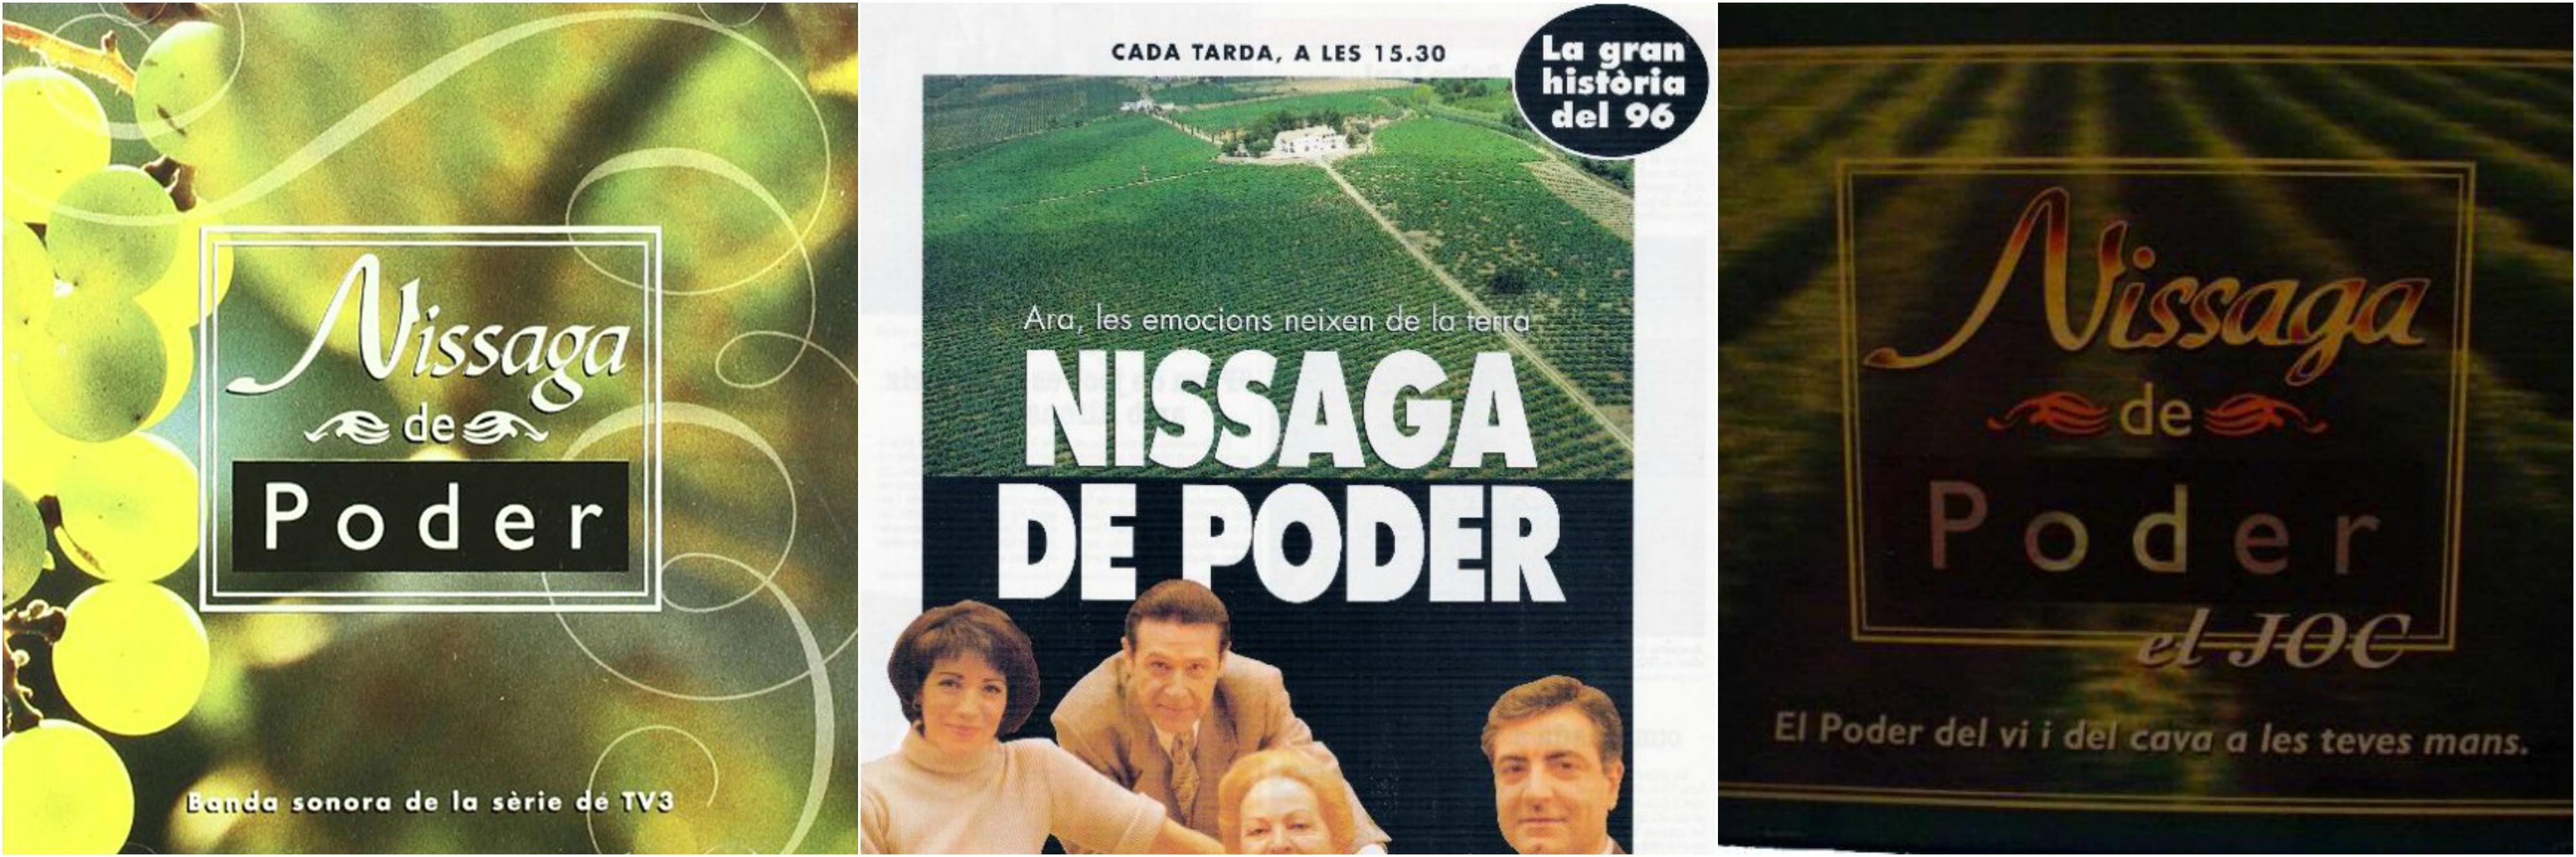 nissaga